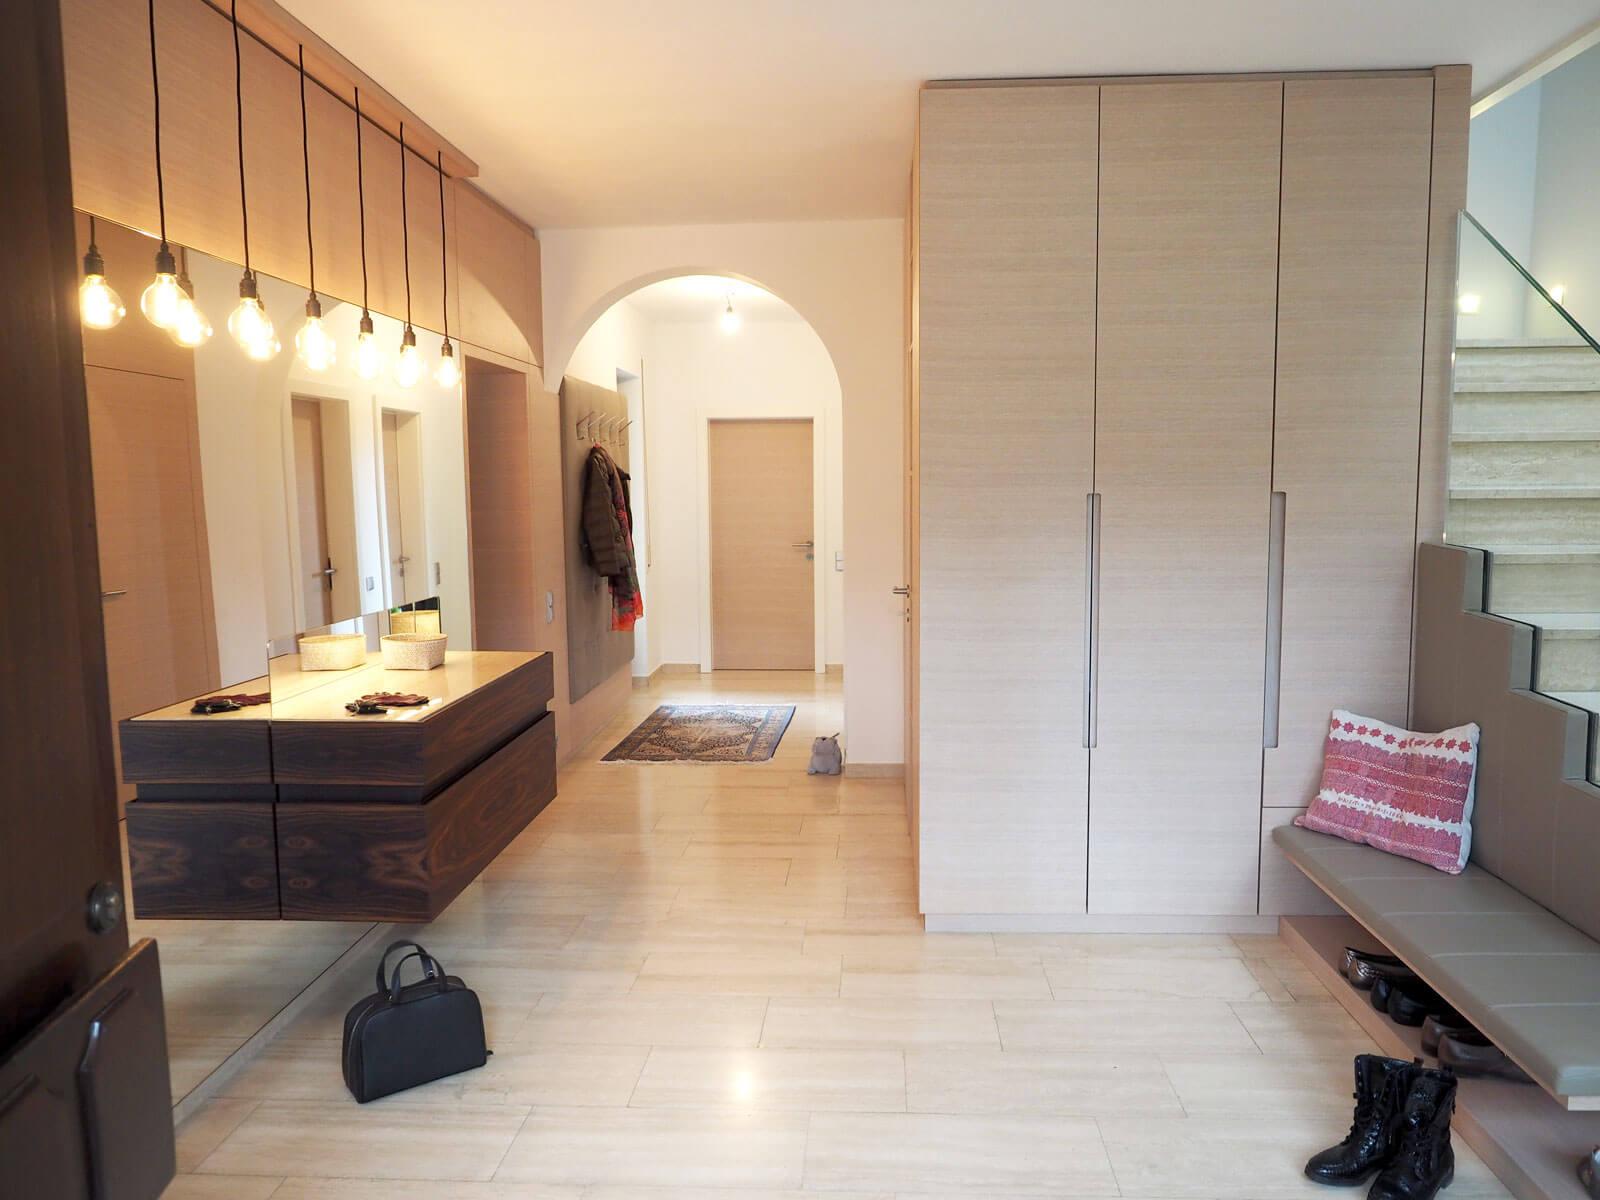 tischlerei ecker vorzimmer modern tischlerei ecker erneuerung auf allen linien. Black Bedroom Furniture Sets. Home Design Ideas